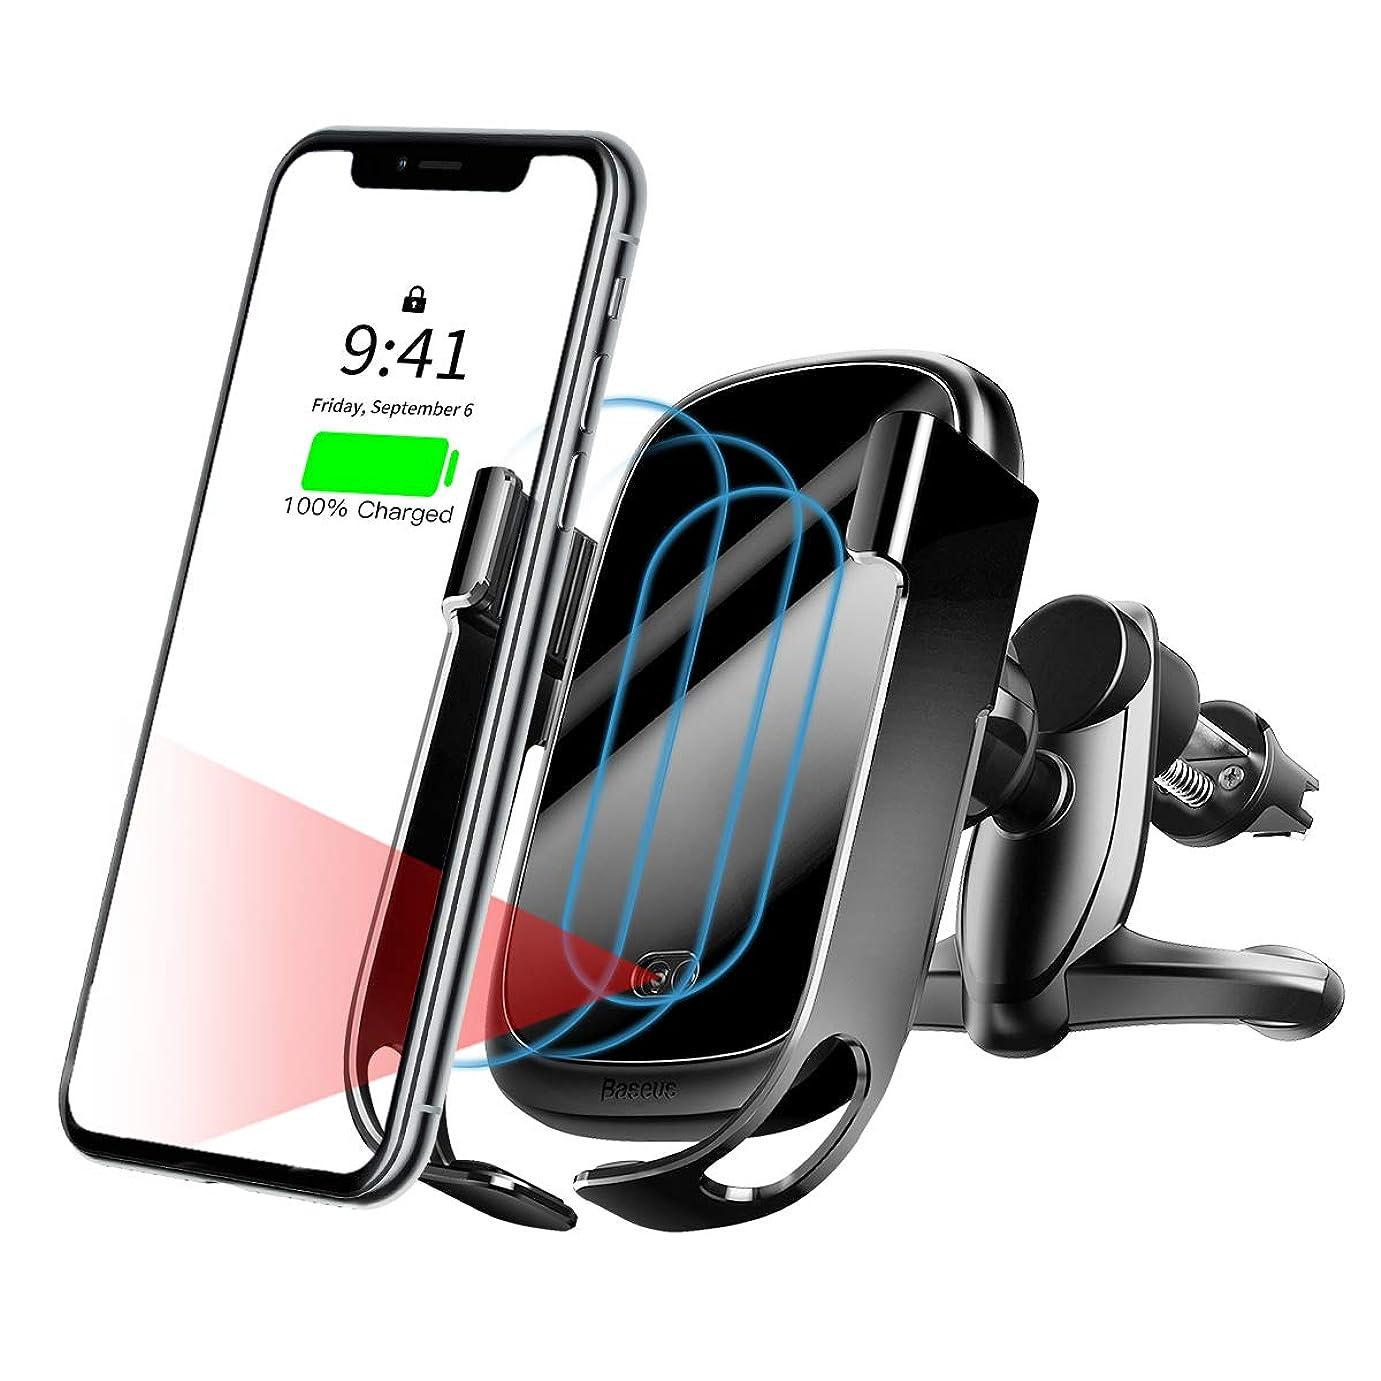 適合行列九時四十五分車載Qi ワイヤレス充電器 車載 ホルダー Baseus 赤外線センサーによる自動開閉 10W 7.5W 急速ワイヤレス充電器 吹き出し口用 360度回転 片手操作 iPhone 11 Pro X XR XS Max 8 8Plus Galaxy S10 Note 10等ワイヤレス充電機種に対応 (ブラック)